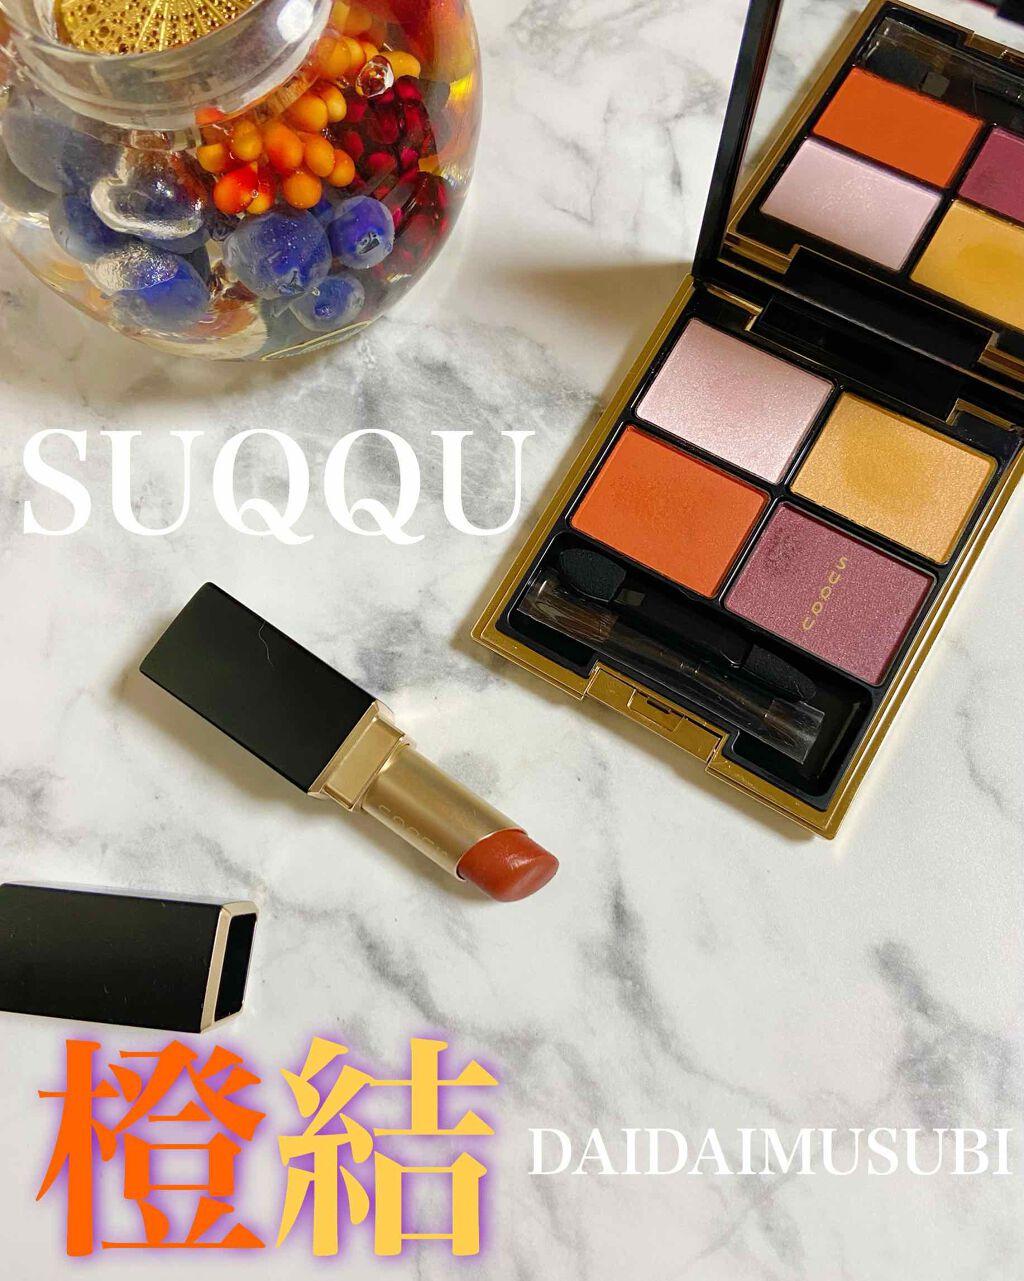 https://cdn.lipscosme.com/image/5debbde7683c359bfe7c37b3-1587450164-thumb.png